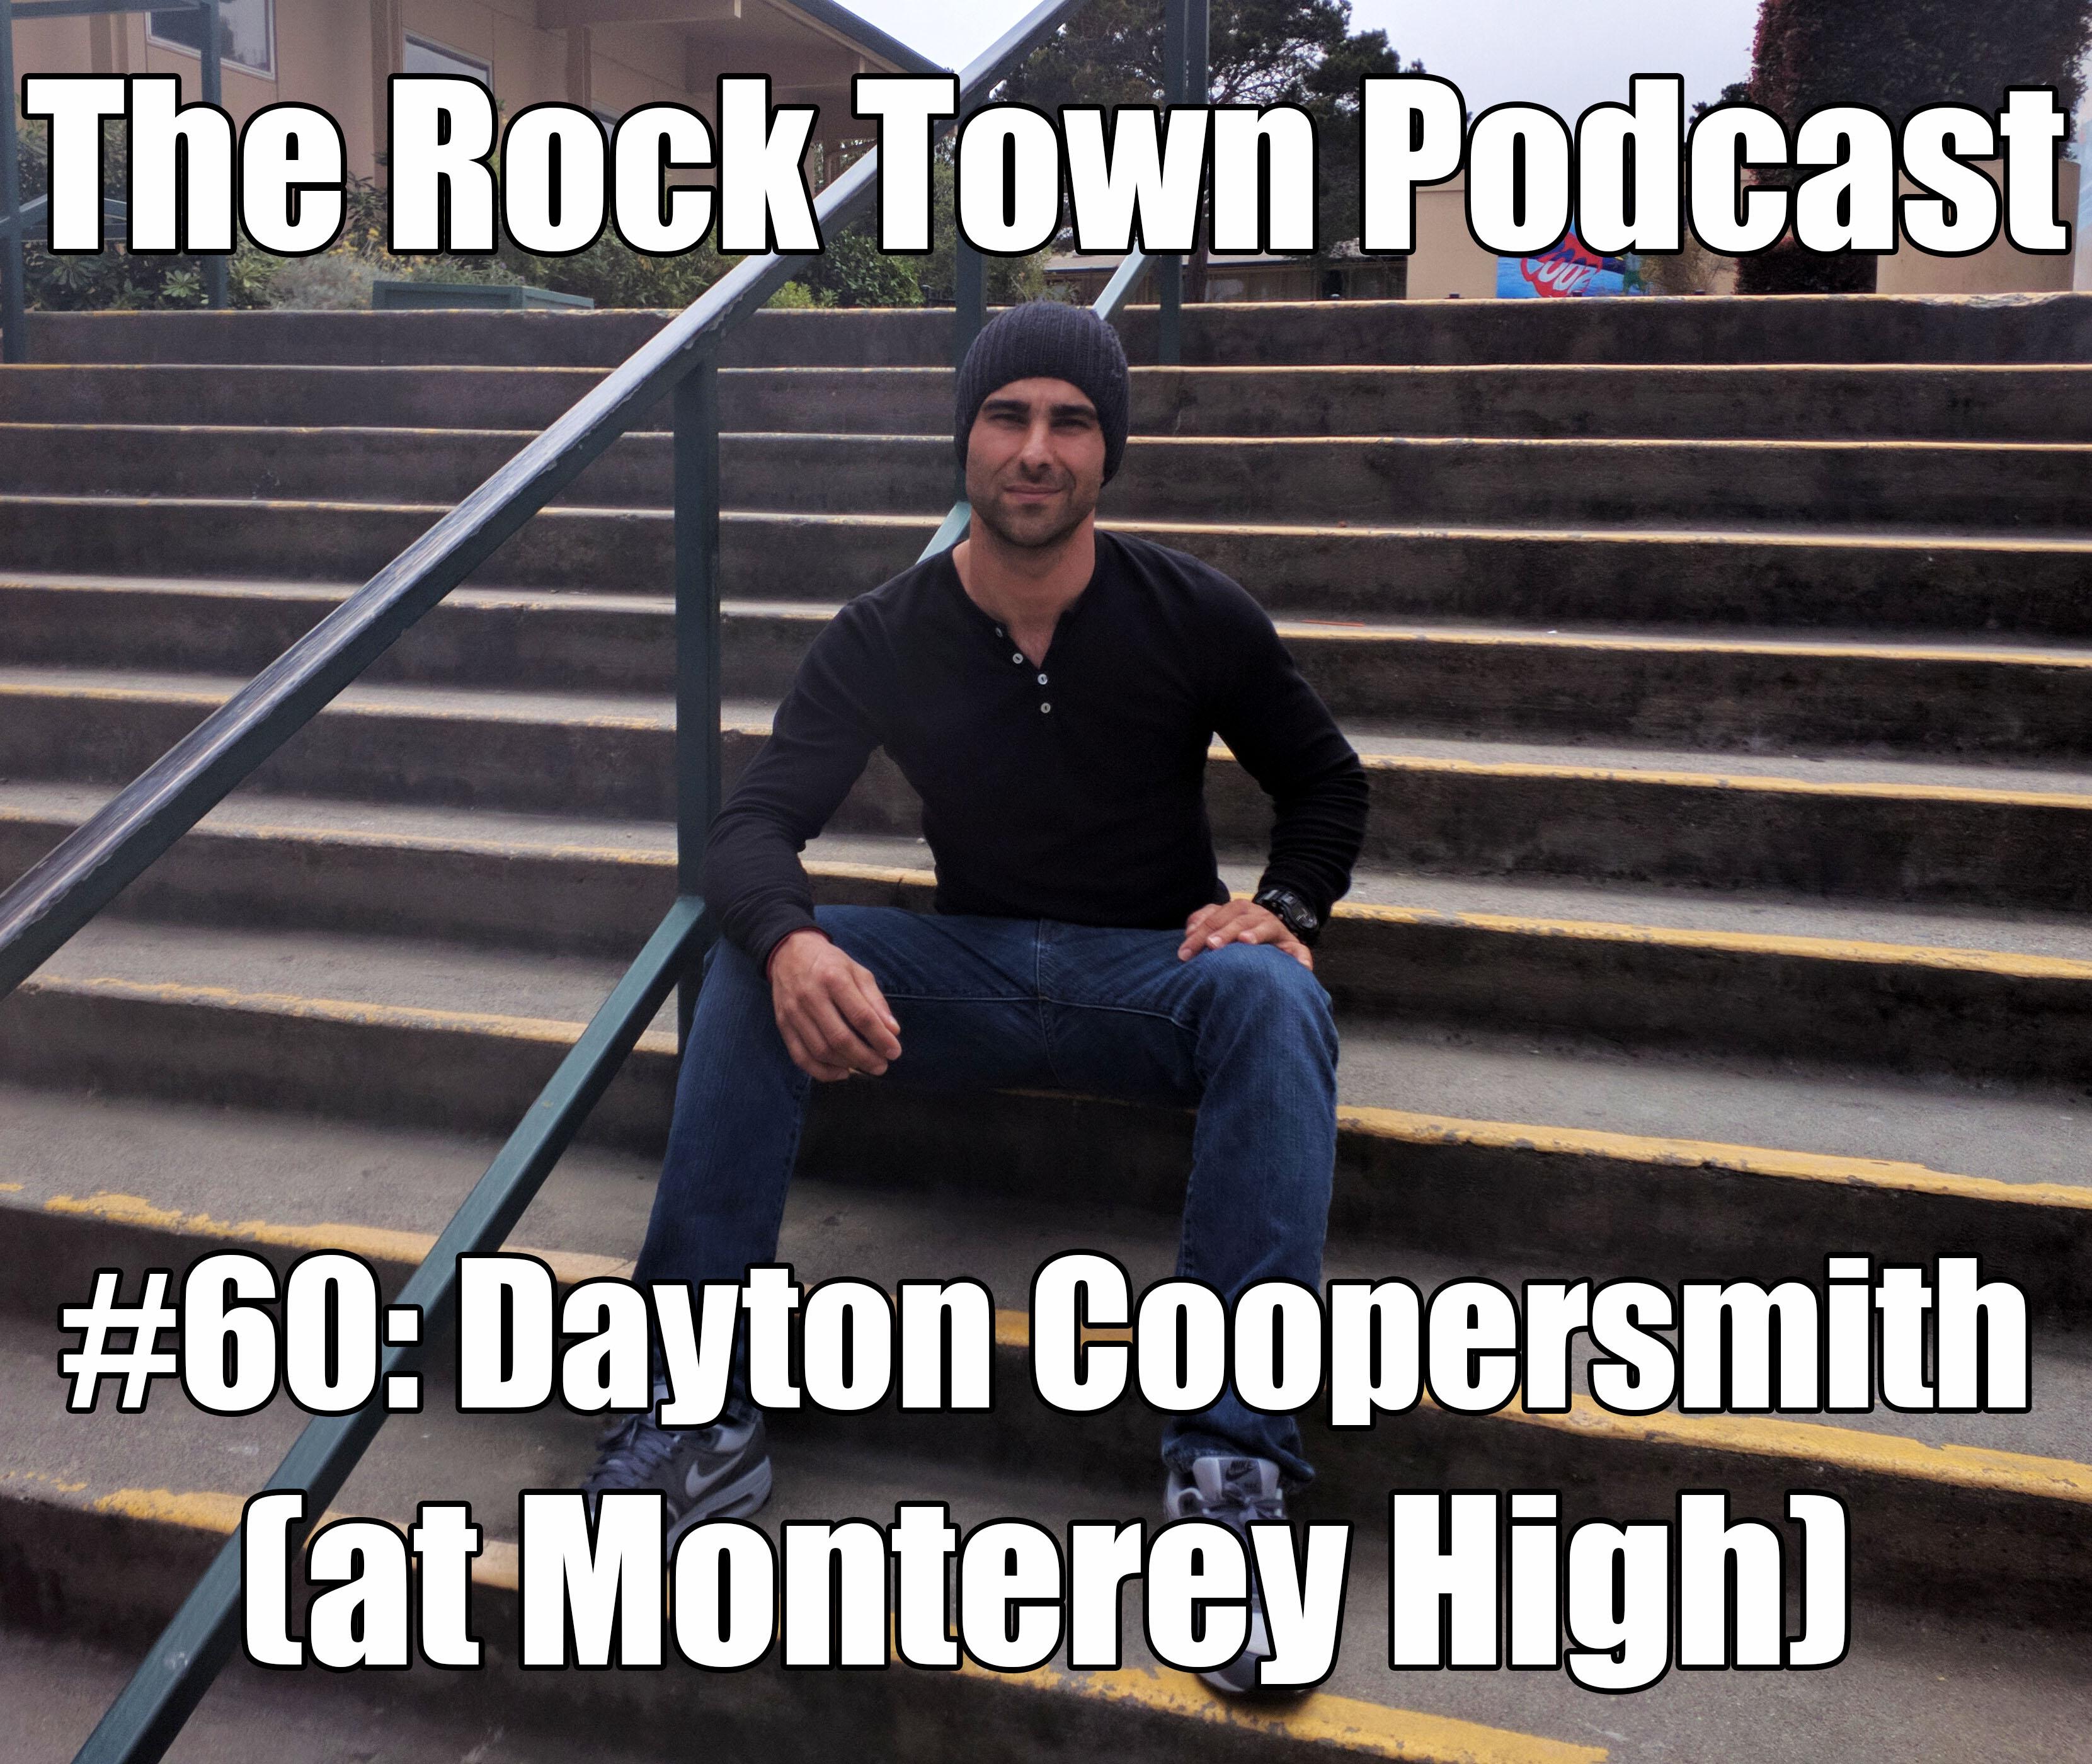 DaytonCoopersmithTHUMB